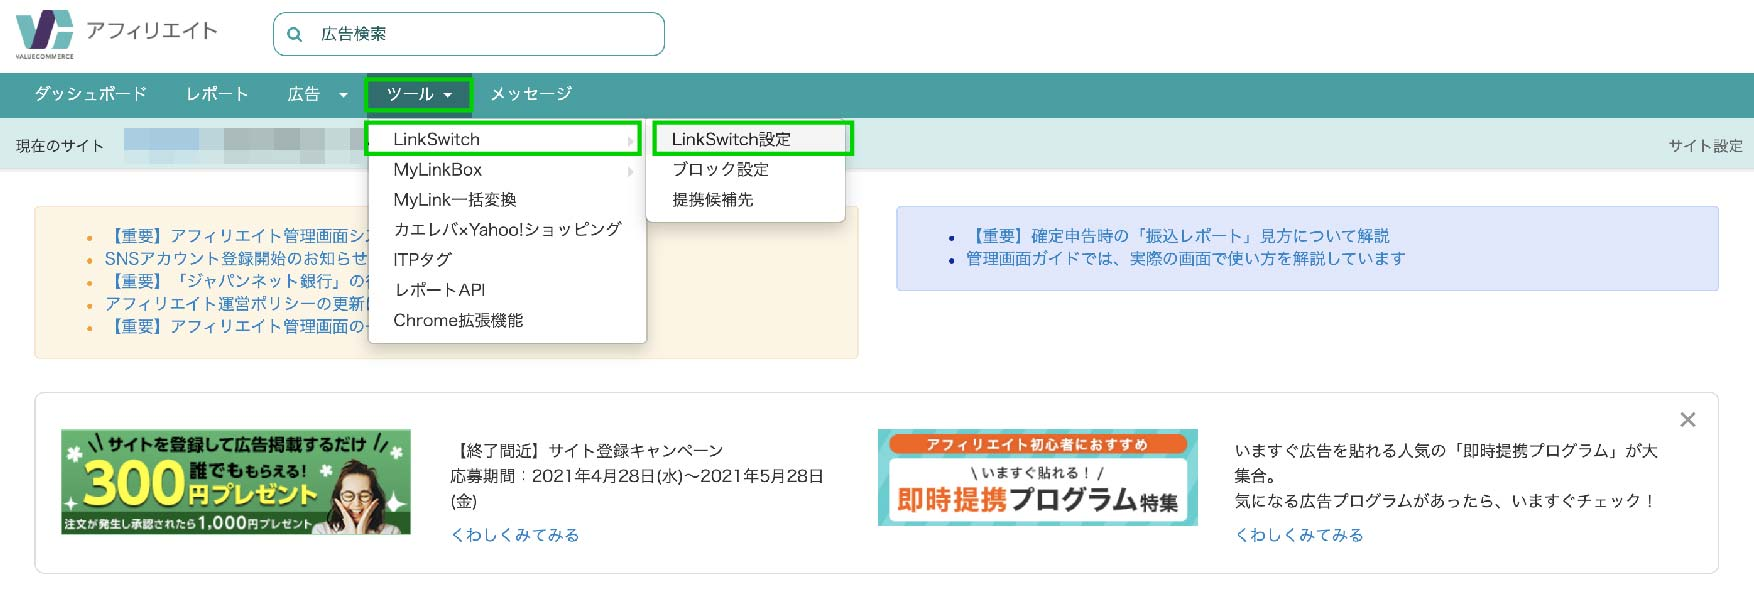 【完全解説】物販用プラグインRinkerの導入〜設定までの方法18